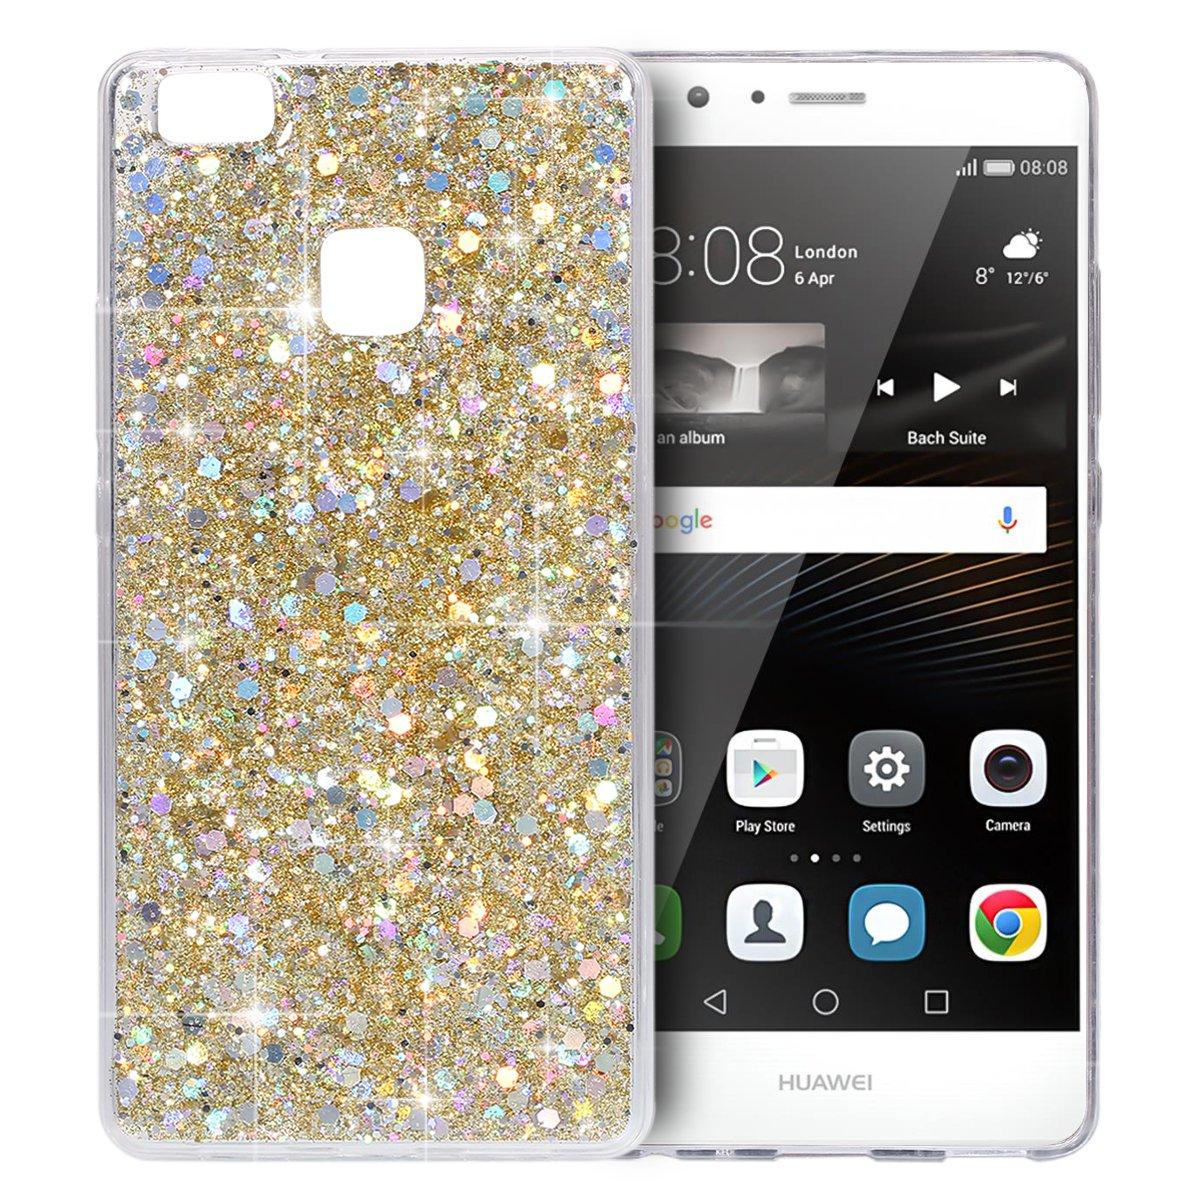 YSIMEE Cover Huawei P9 lite, Xmas Decorazioni Natalizie Custodie Gel Trasparente Brillantini Glitter Chiaro Puro TPU Silicone Shell Protettivo Morbida Ultra Sottile Gomma Cover